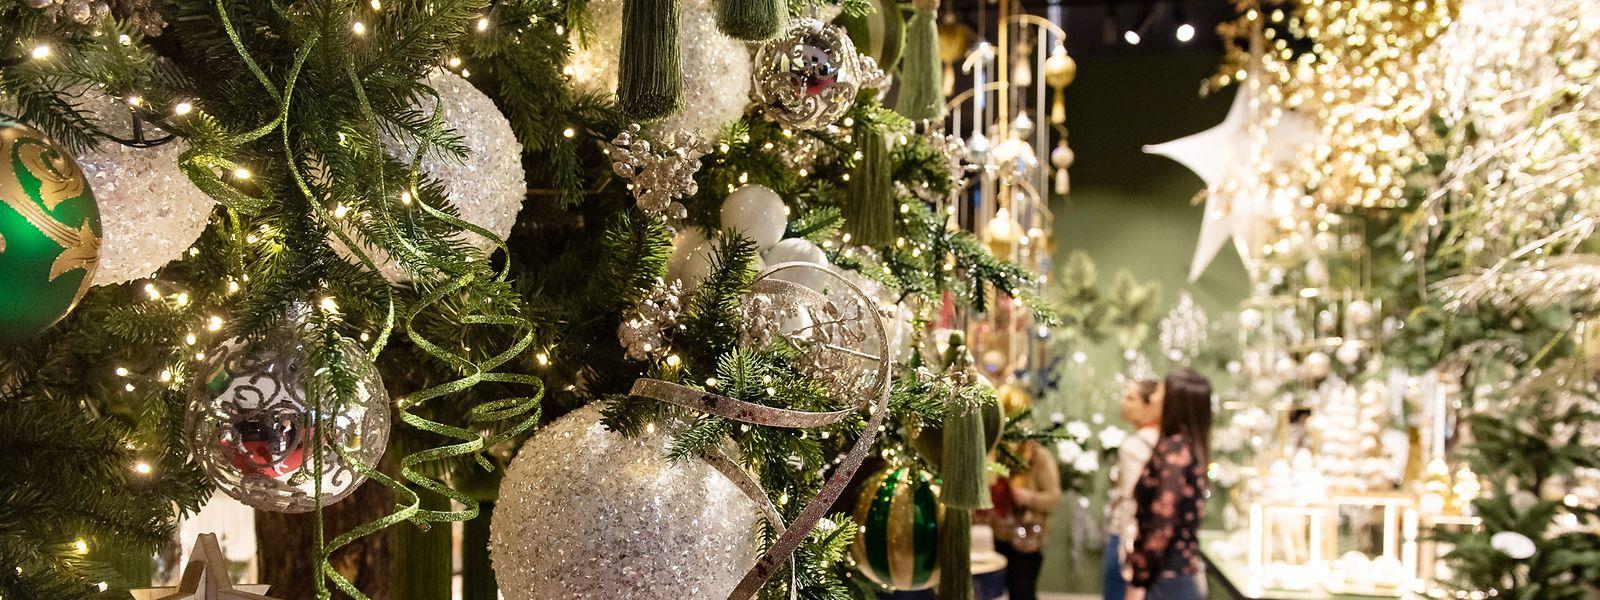 Deko-Trends zu Weihnachten - natürliche Farben, aber auch Glitzer sind 2020 angesagt.